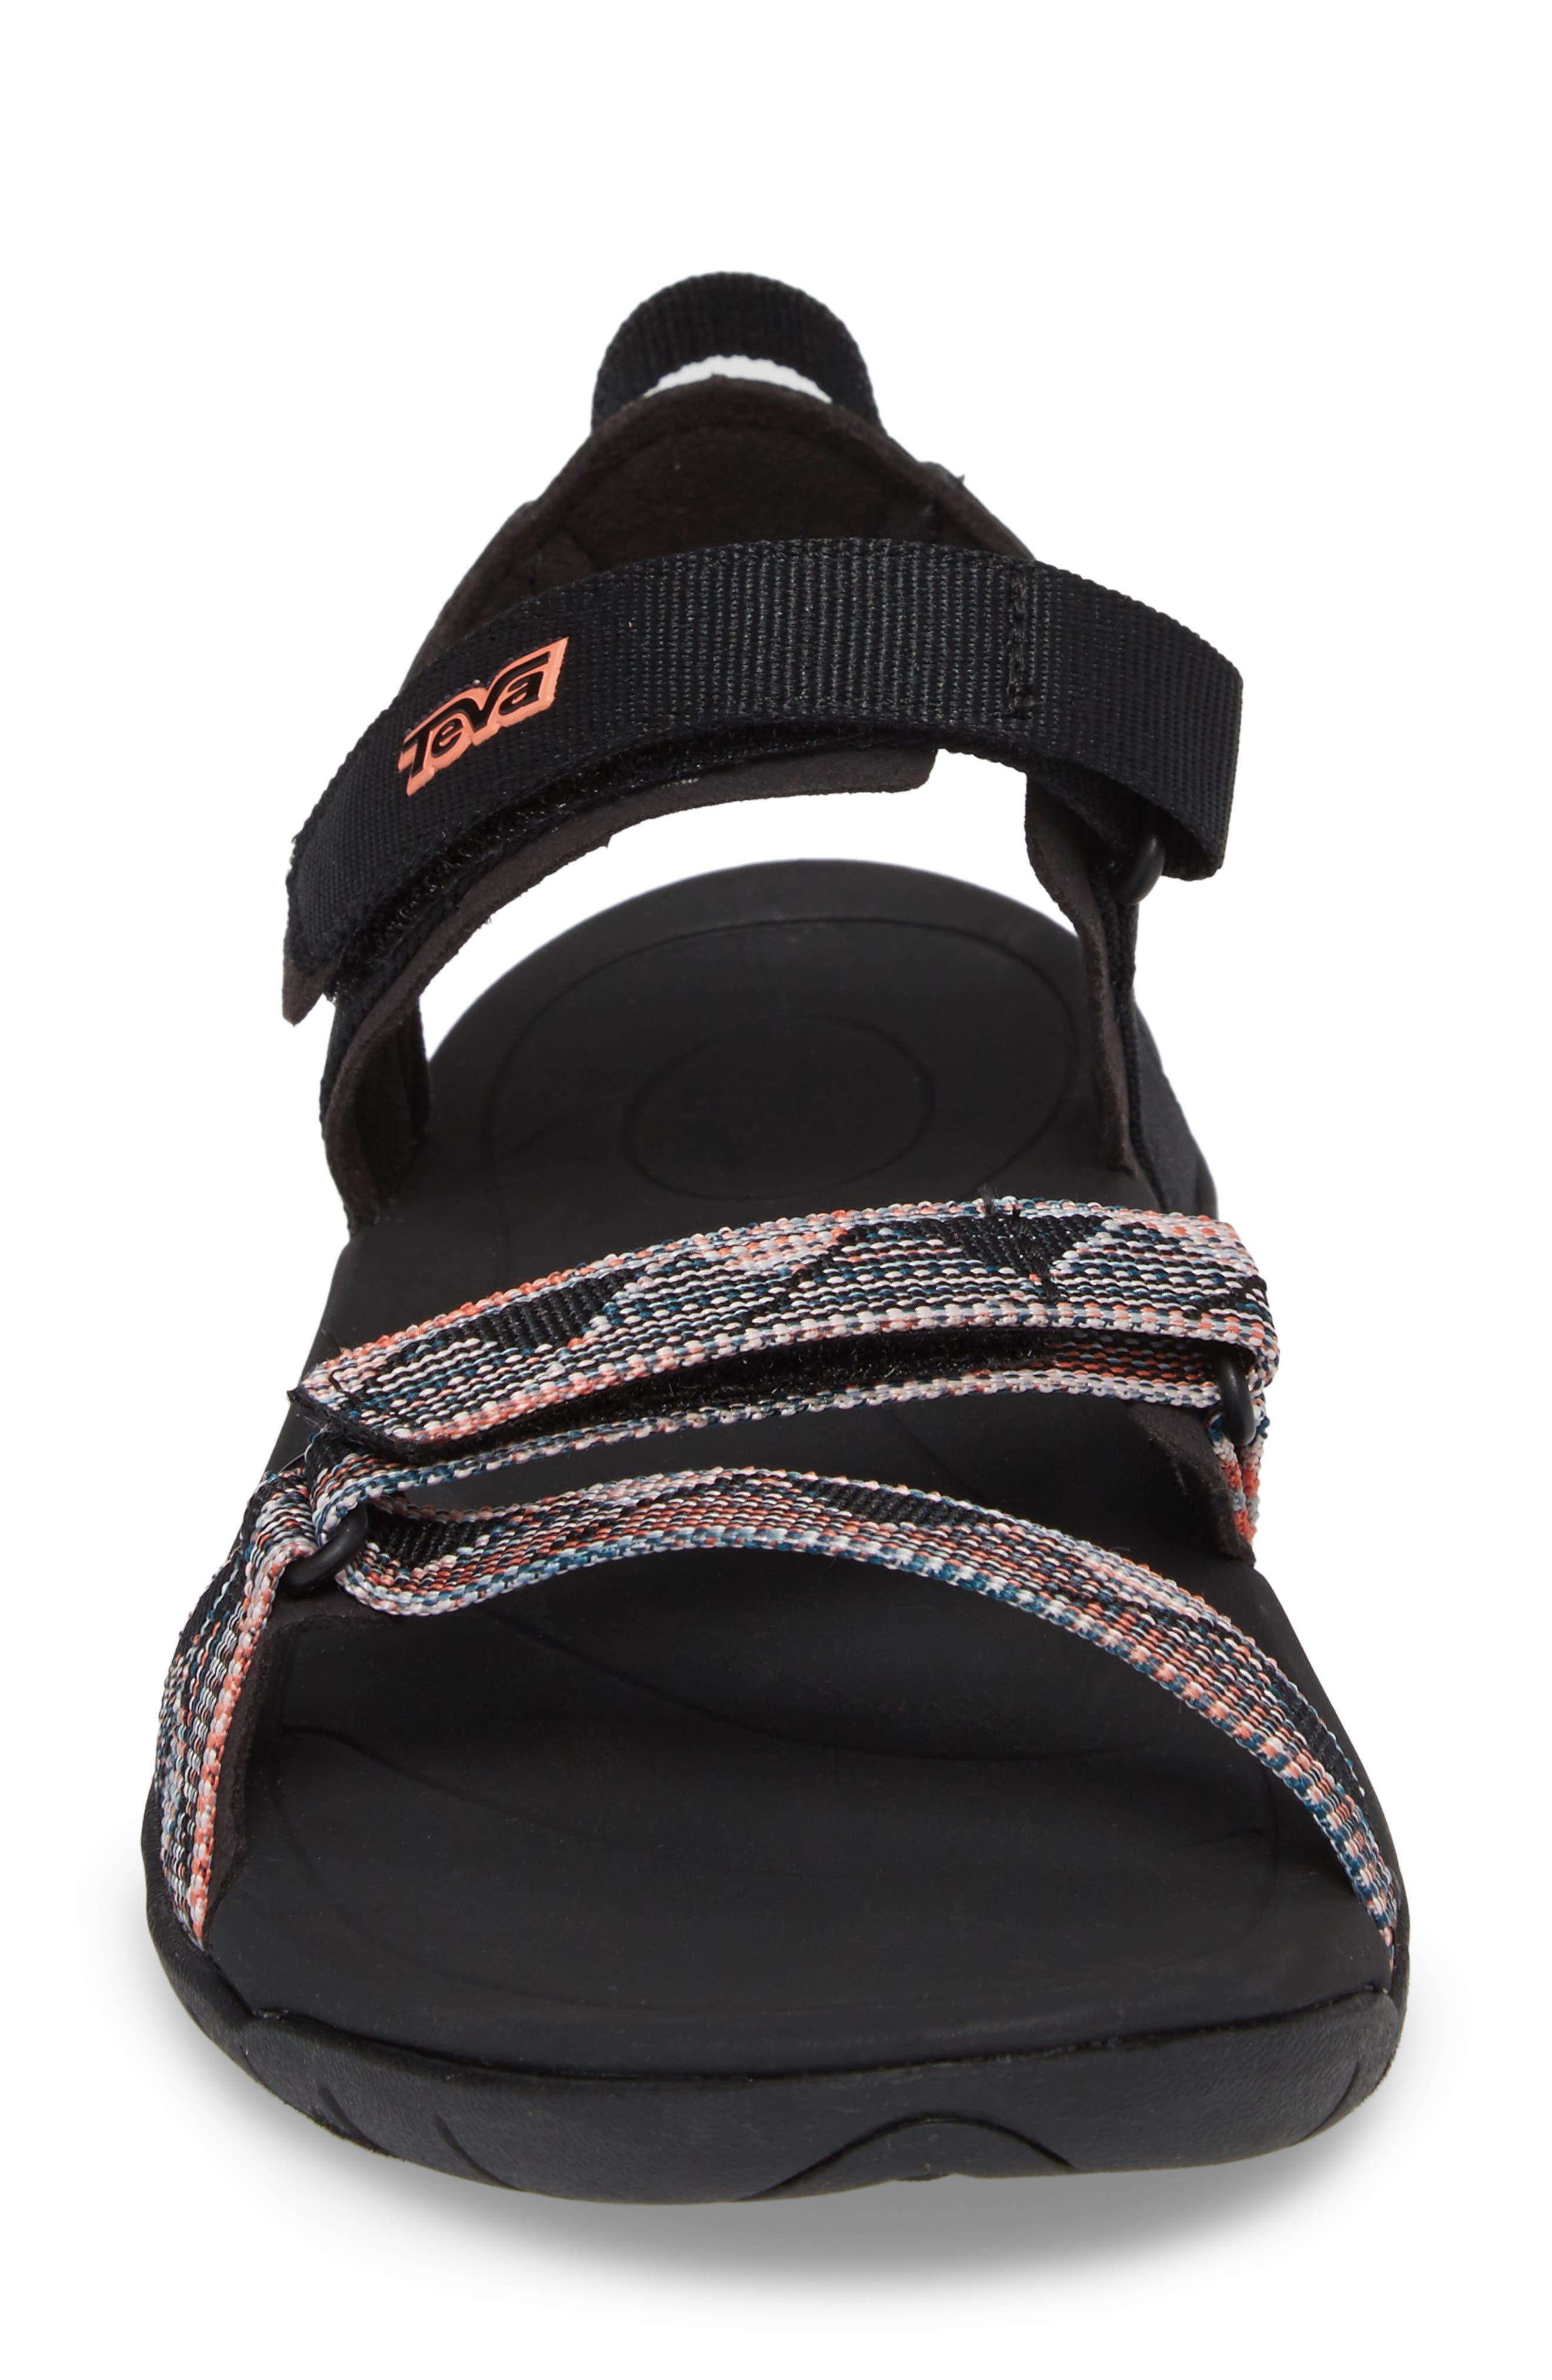 'Verra' Sandal,                             Alternate thumbnail 4, color,                             Suri Black Multi